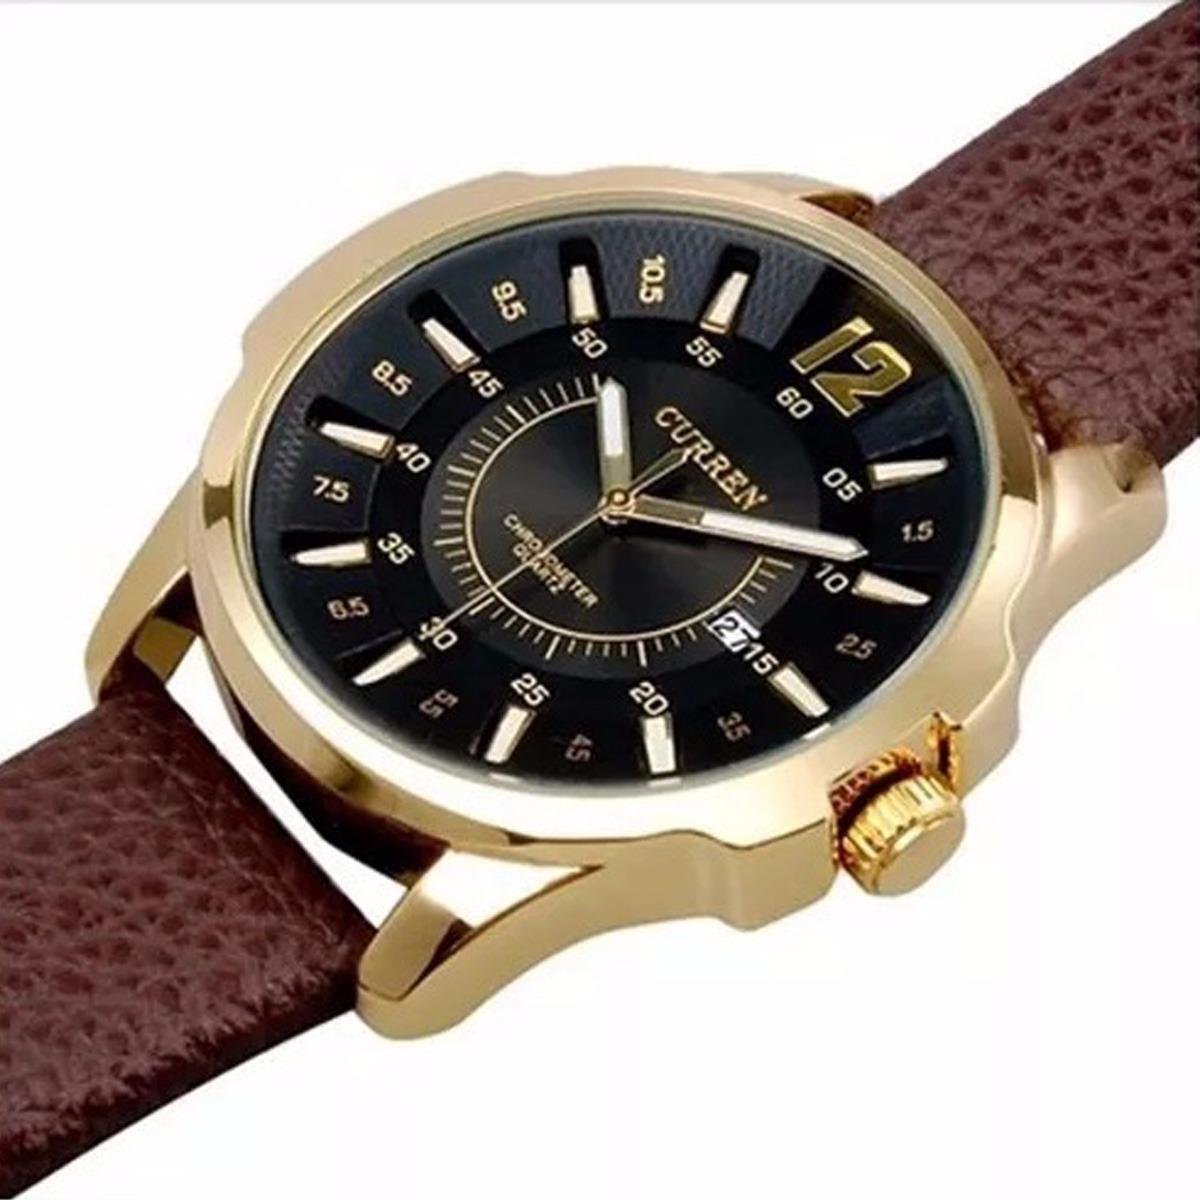 9983691c223 relógios curren masculino barato pulseira de couro luxo. Carregando zoom.